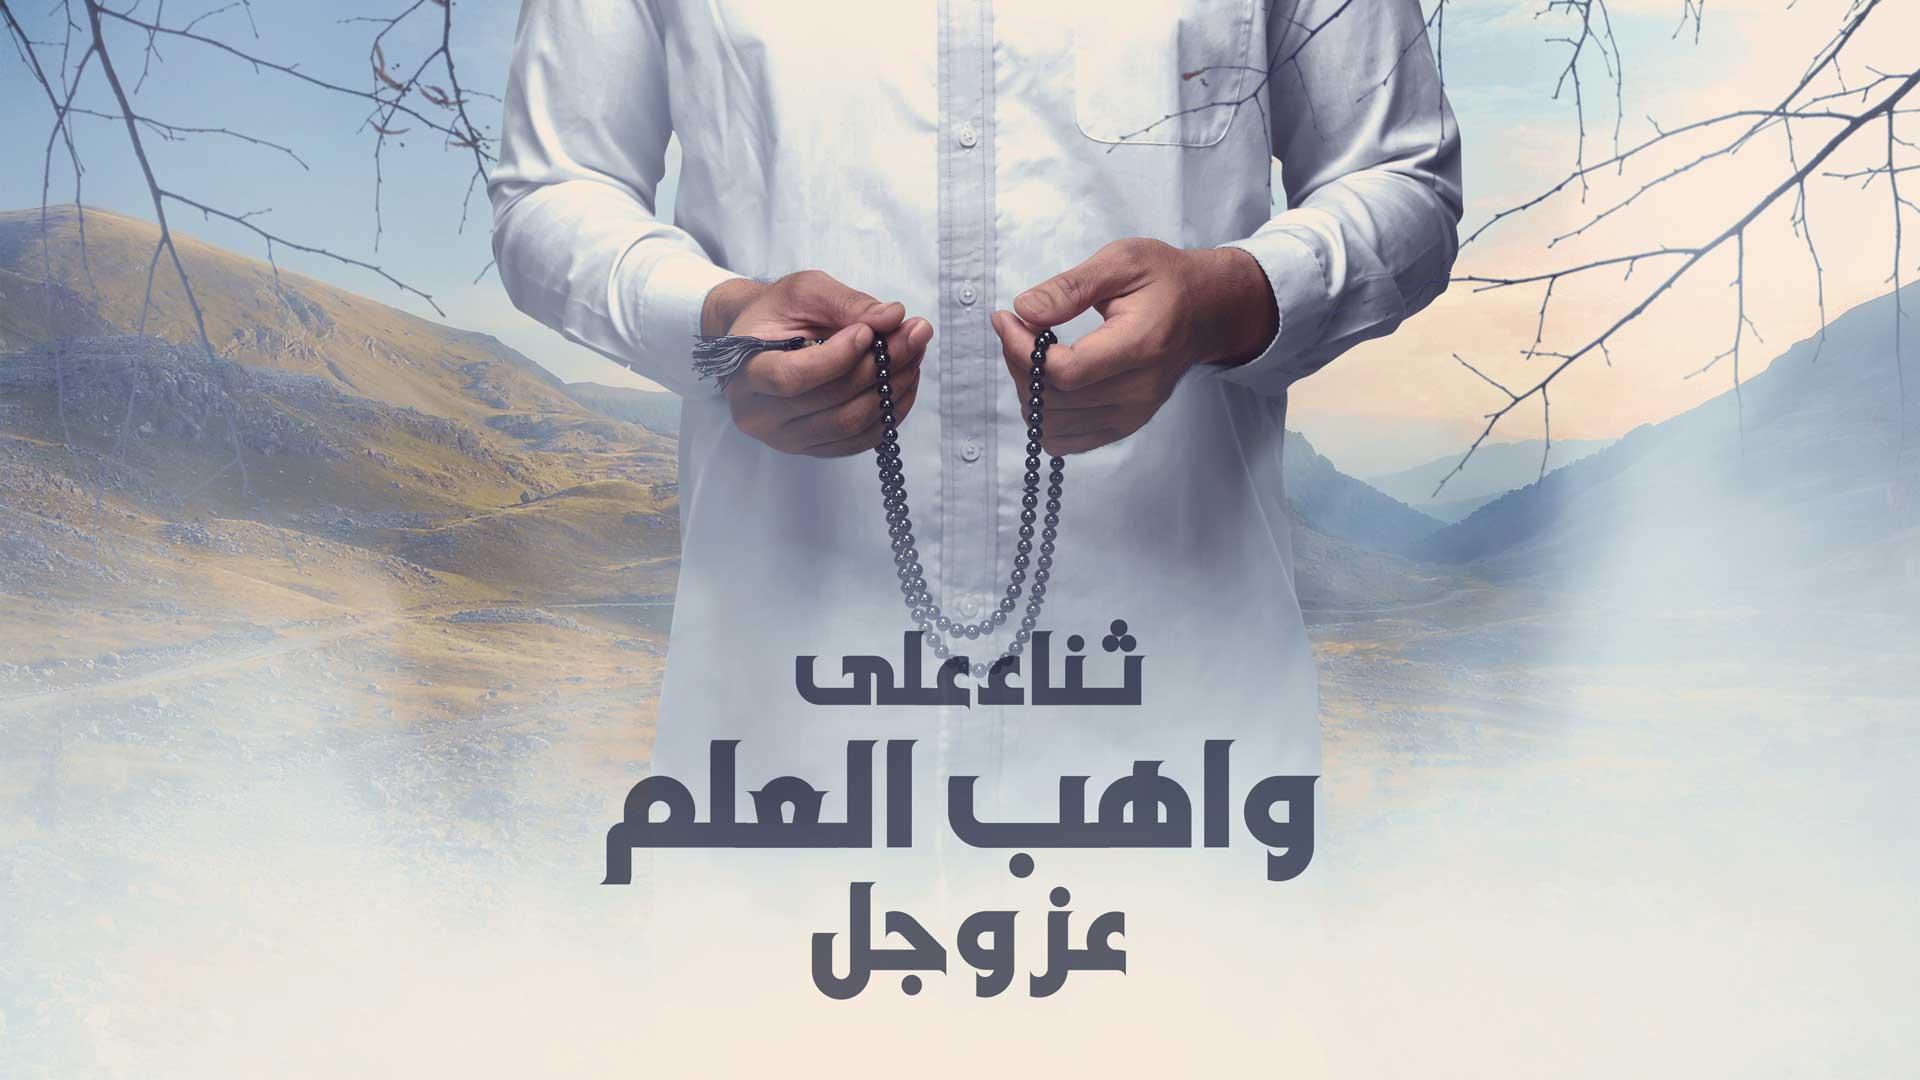 ثناء على واهب العلم عز وجل منصة المناجاة الرقمية